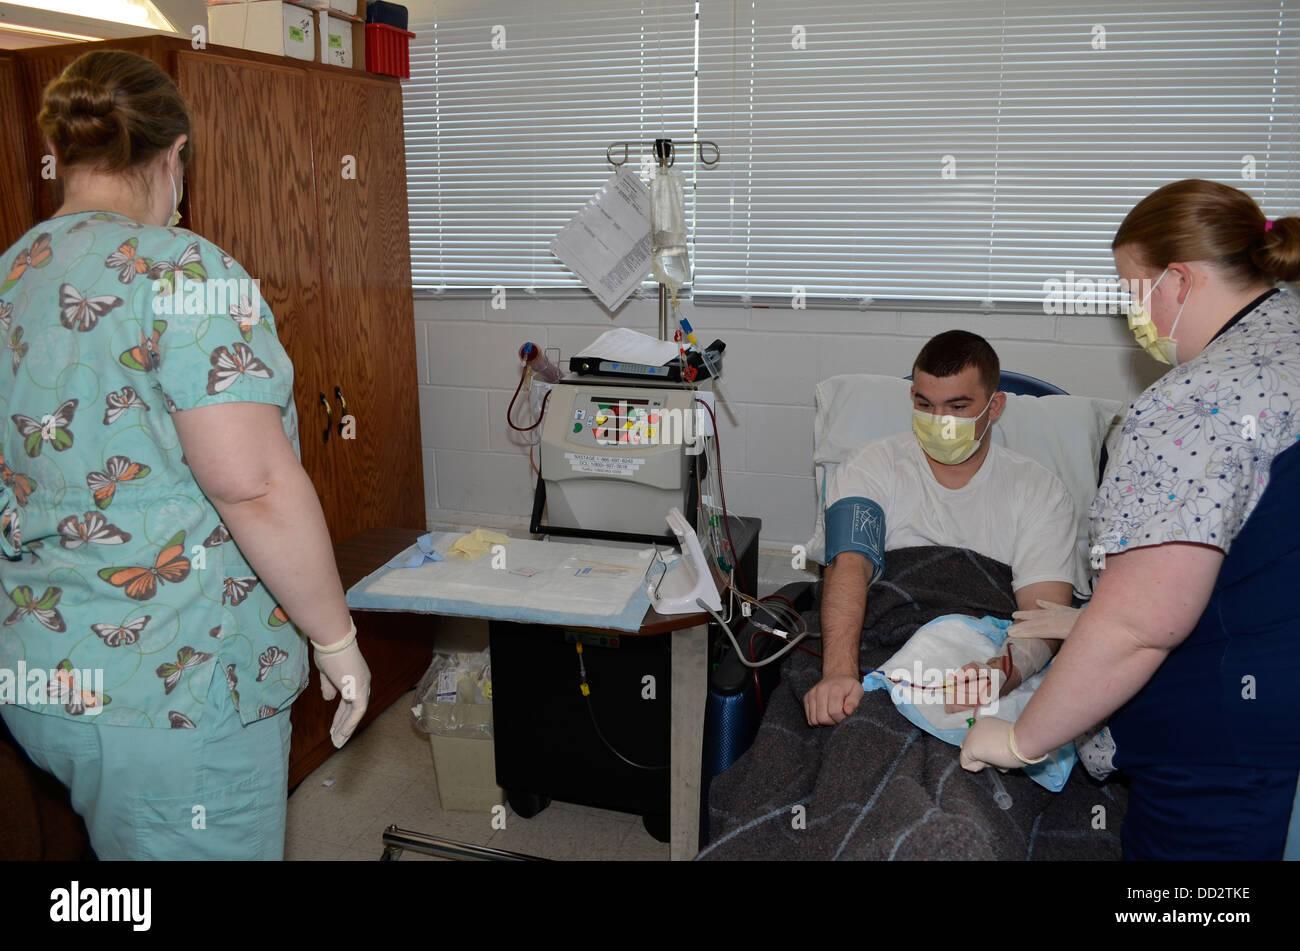 Häftling erhält Dialyse in der medizinischen Abteilung von einem Hochsicherheitsgefängnis, Nebraska Stockbild